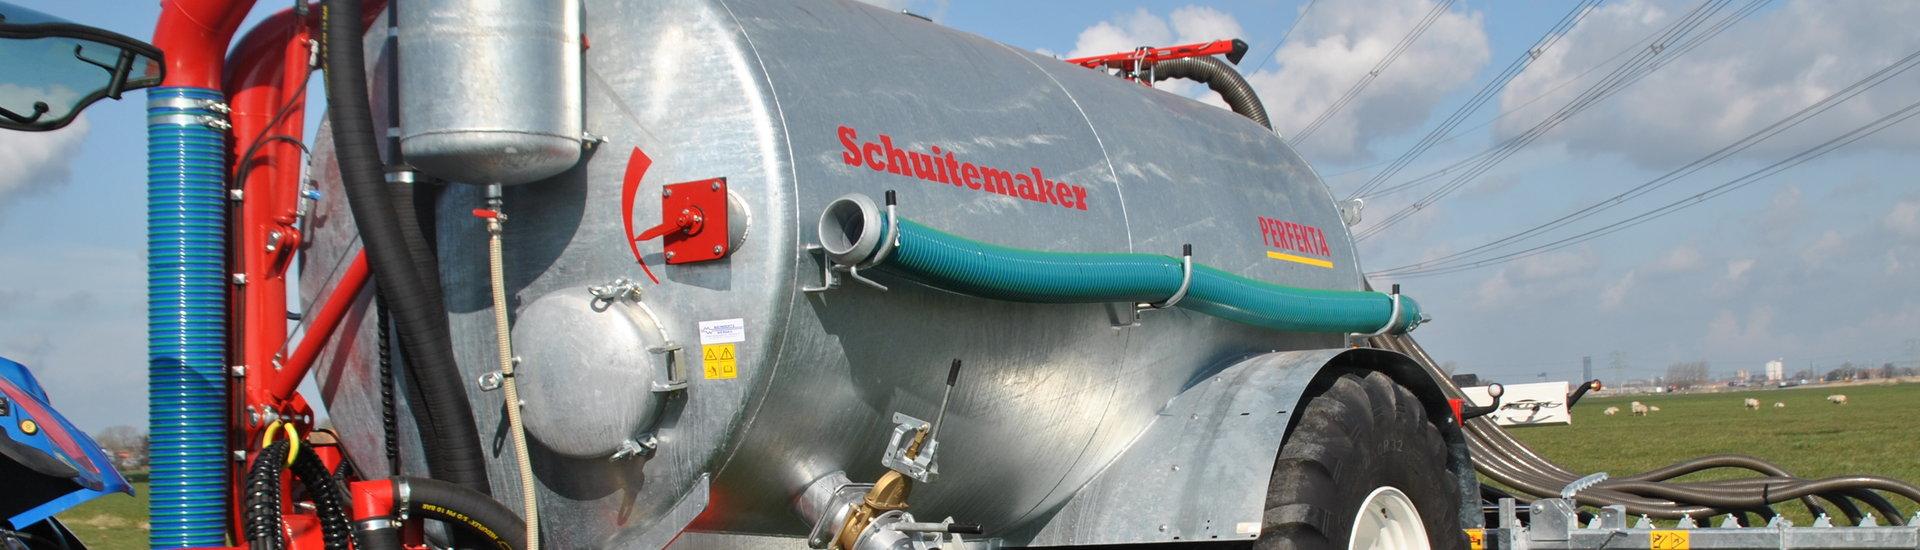 Schuitemaker Vacuumtank